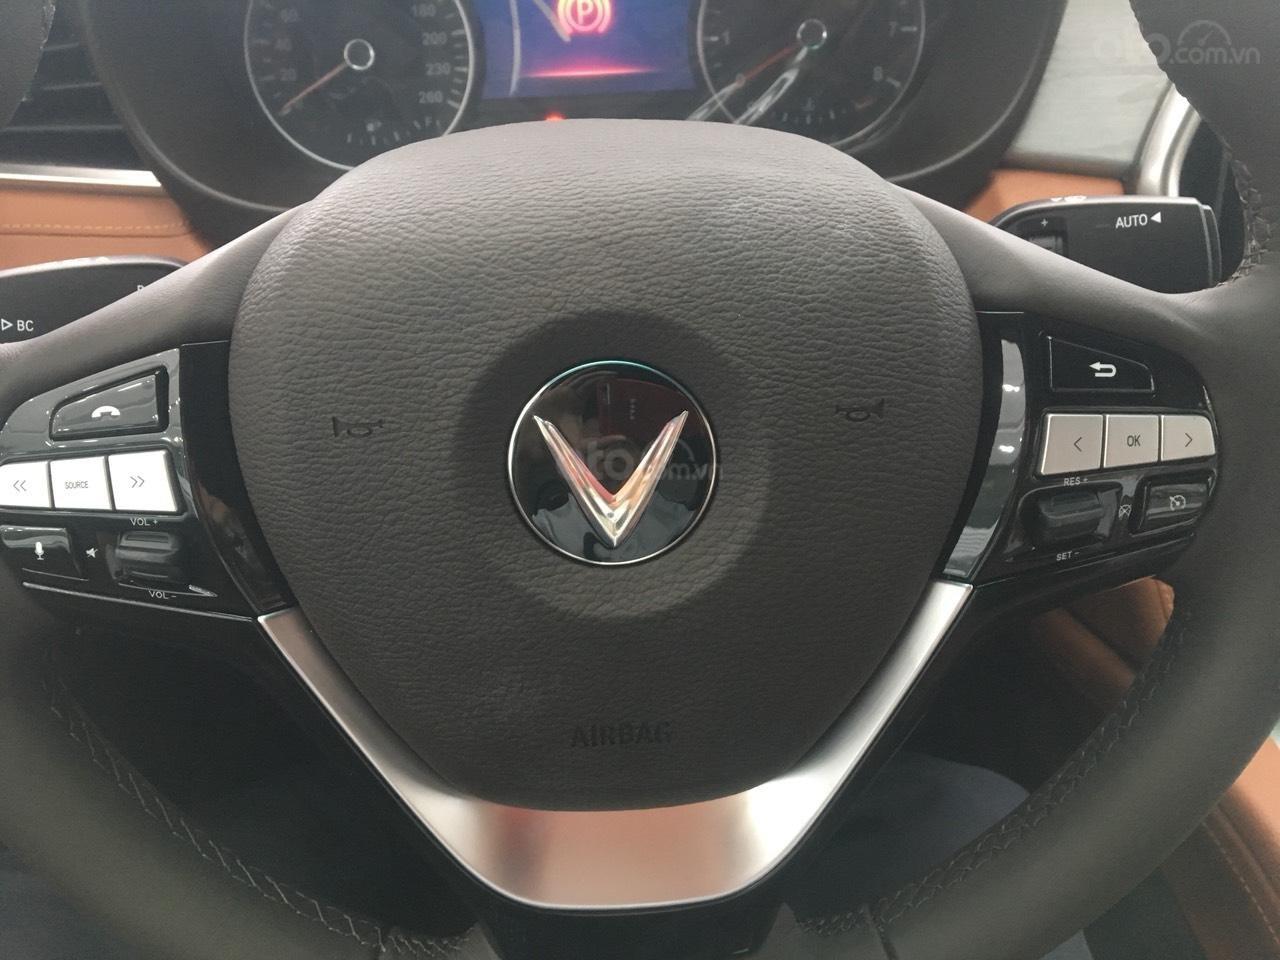 Bán xe VinFast LUX A2.0 full-Da Nappa Nâu 2019, màu bạc 0911234775 em Long (6)